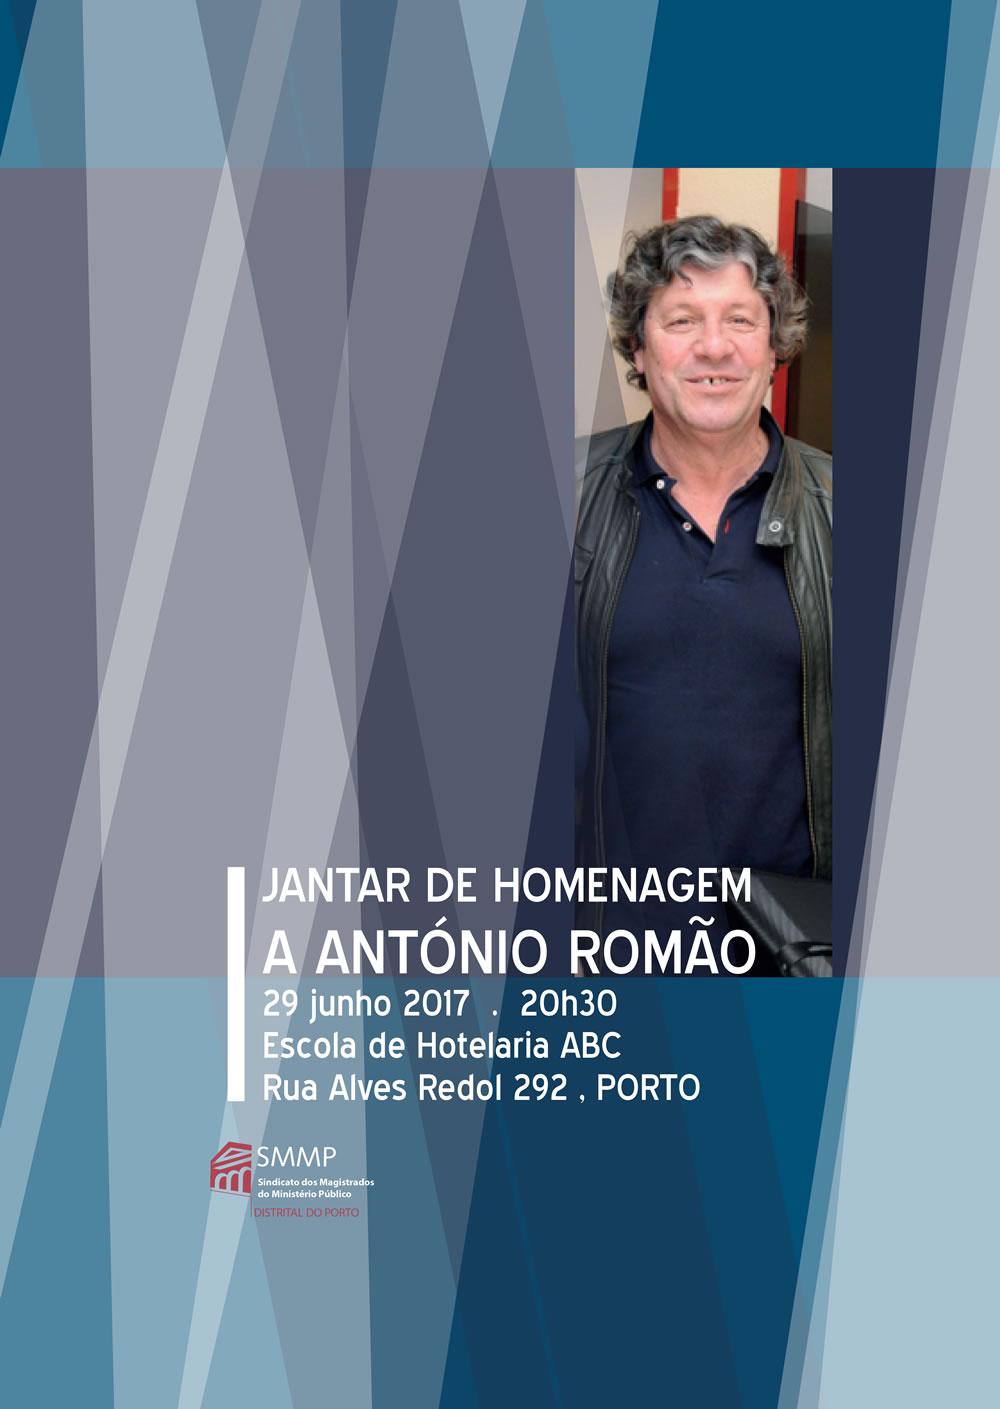 Jantar de homenagem a António Romão